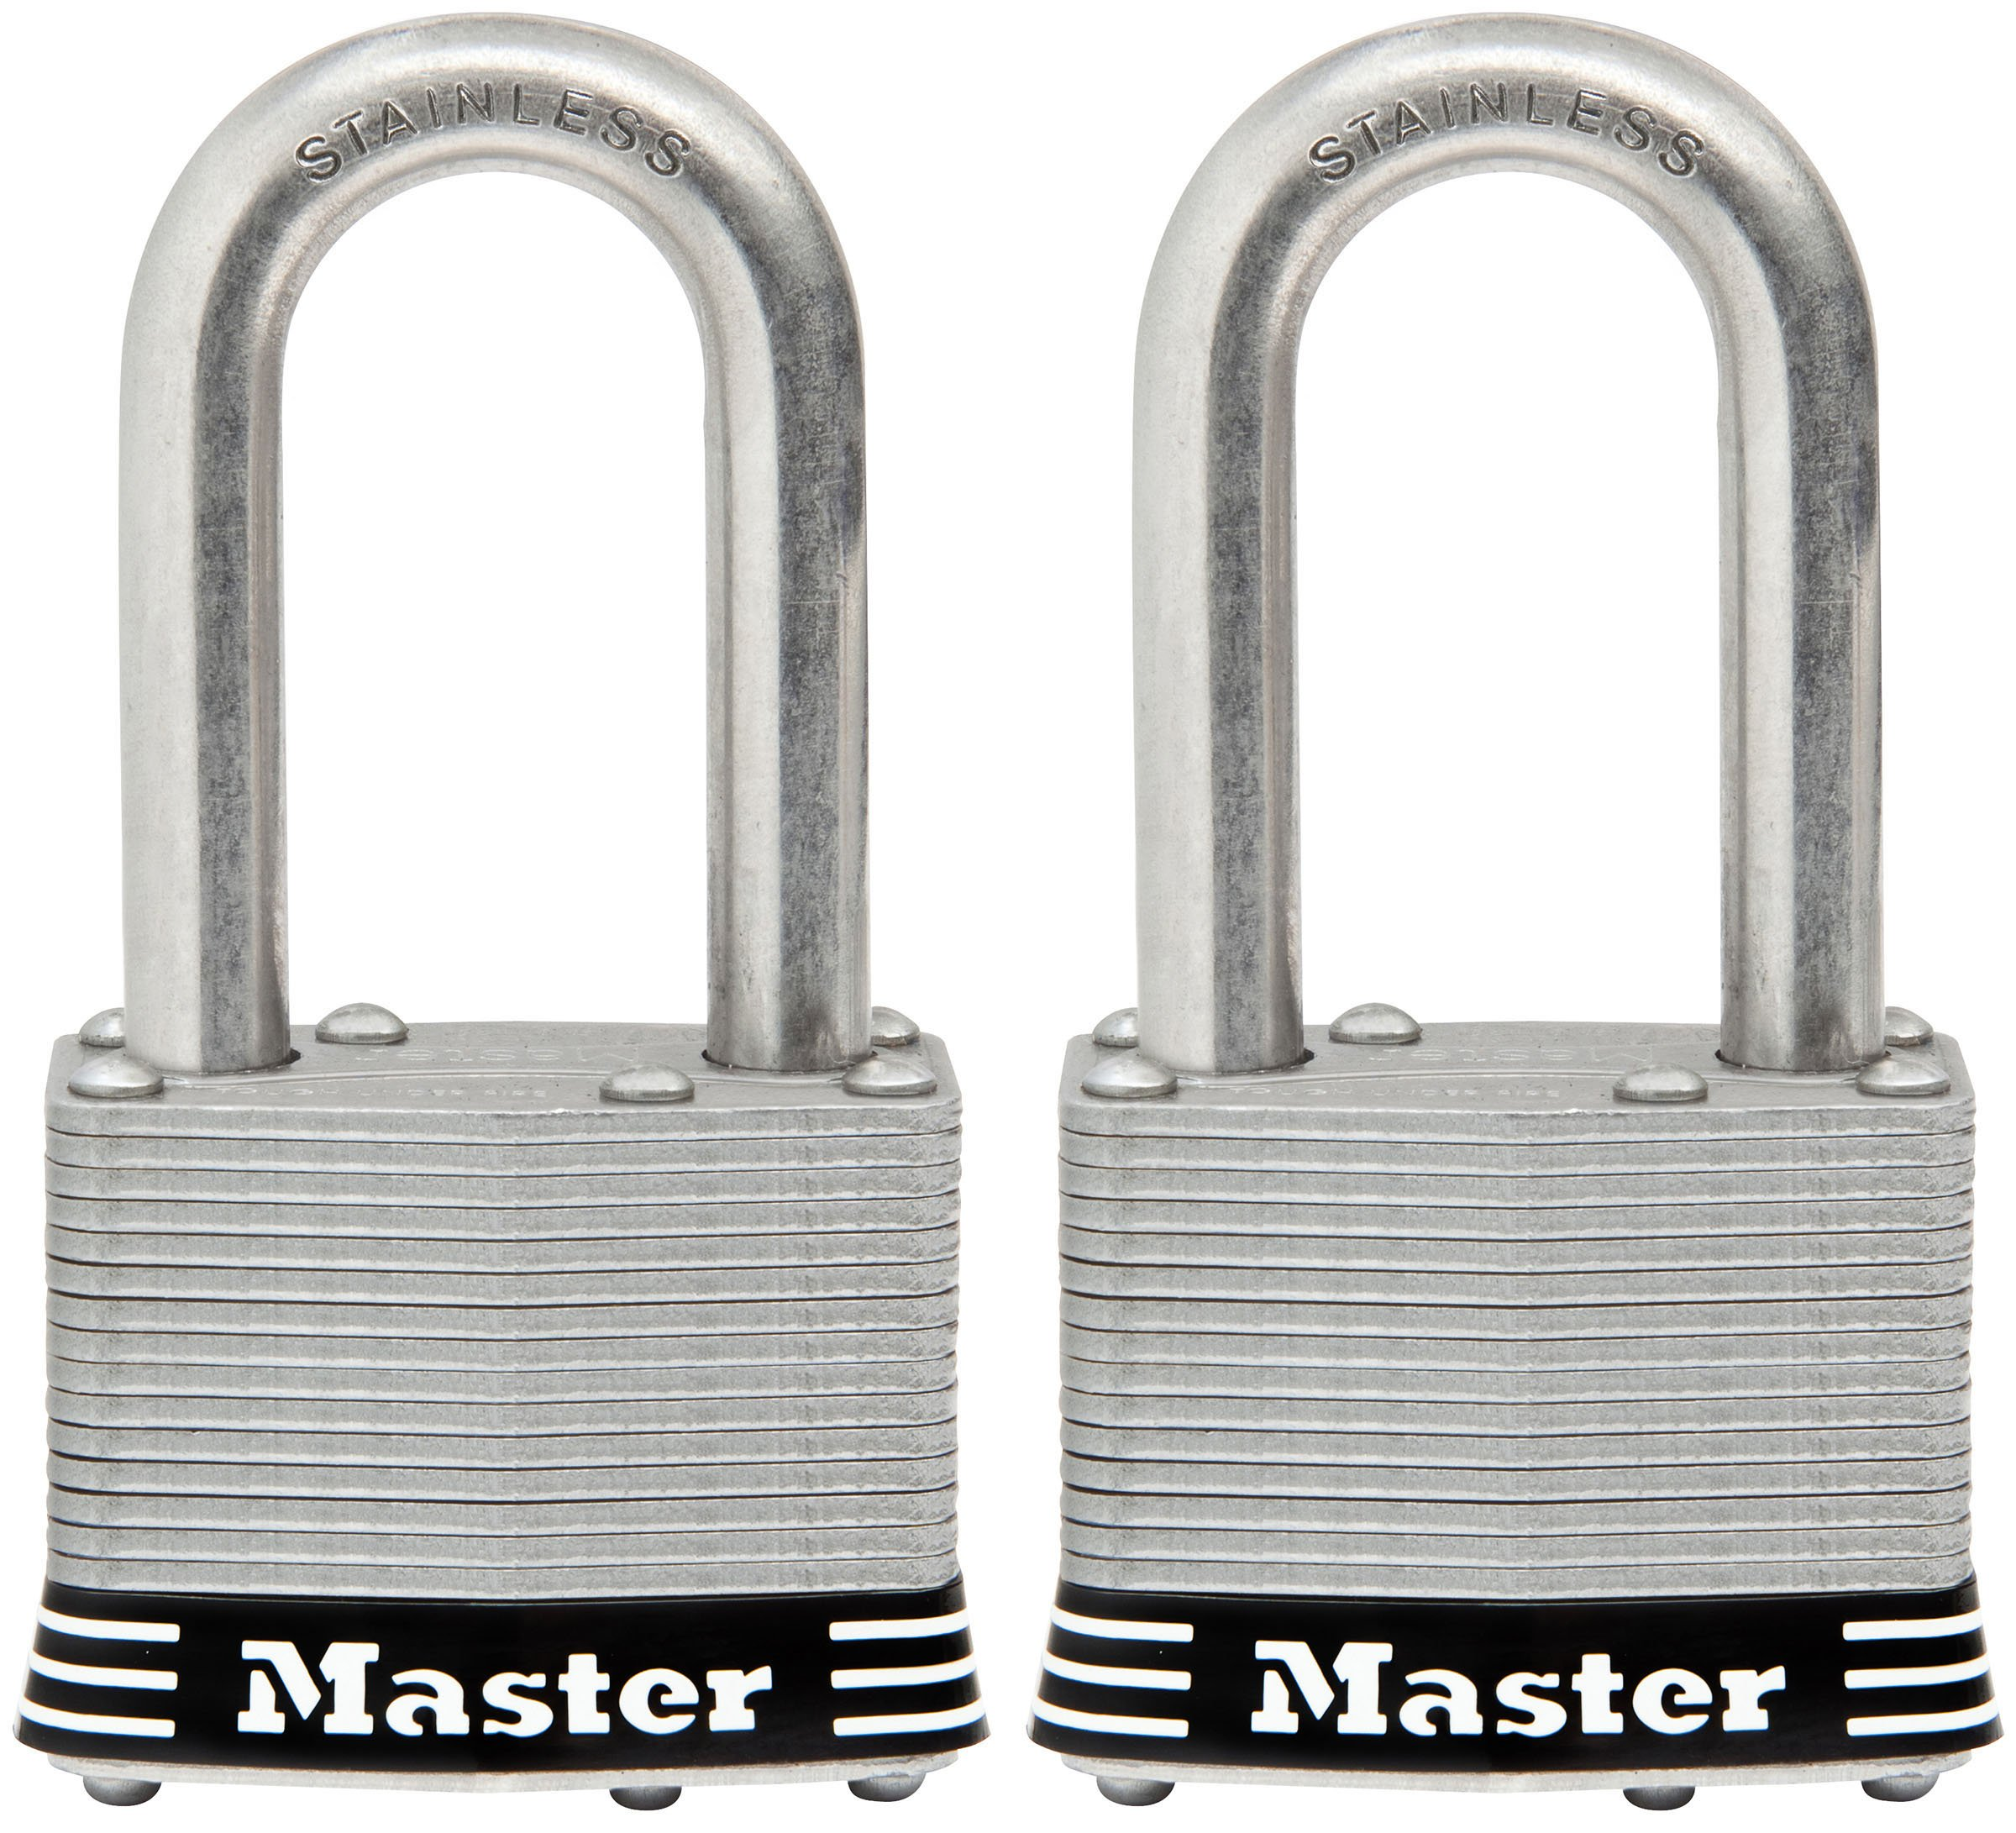 Master Lock Padlock, Laminated Stainless Steel Lock, 1-3/4 in. Wide, 1SSTLF (Pack of 2-Keyed Alike)